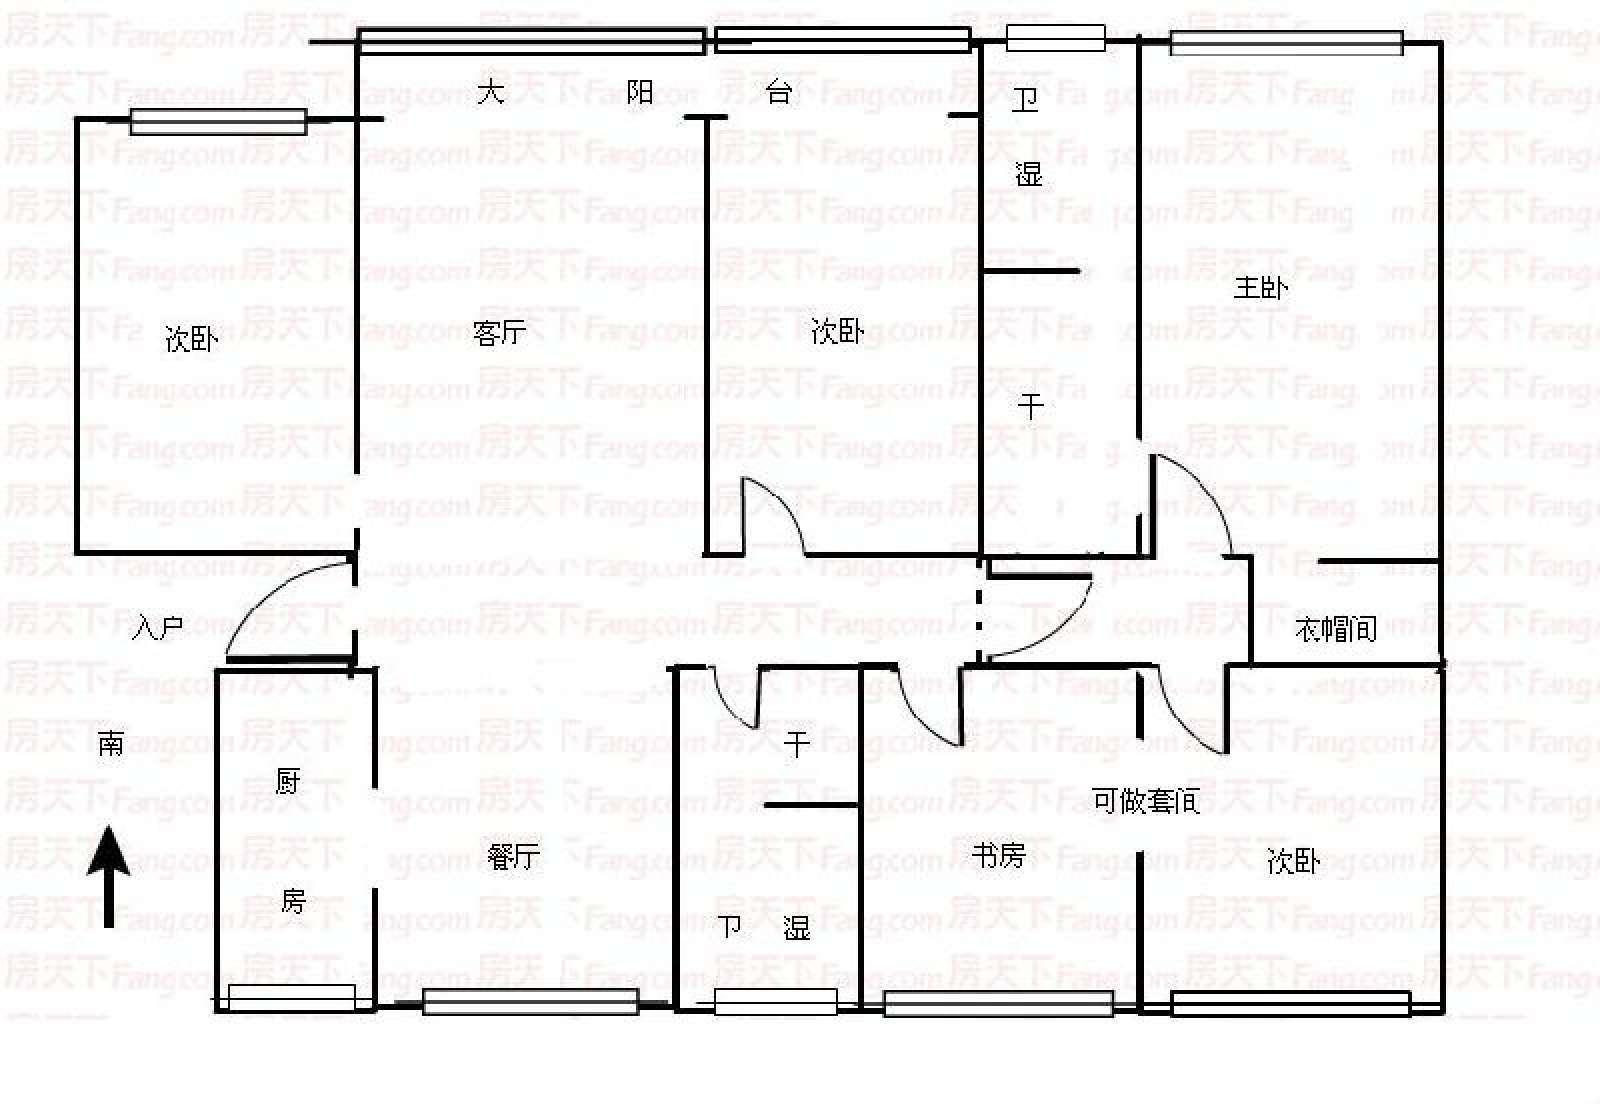 龙庭花园 5室2厅200㎡